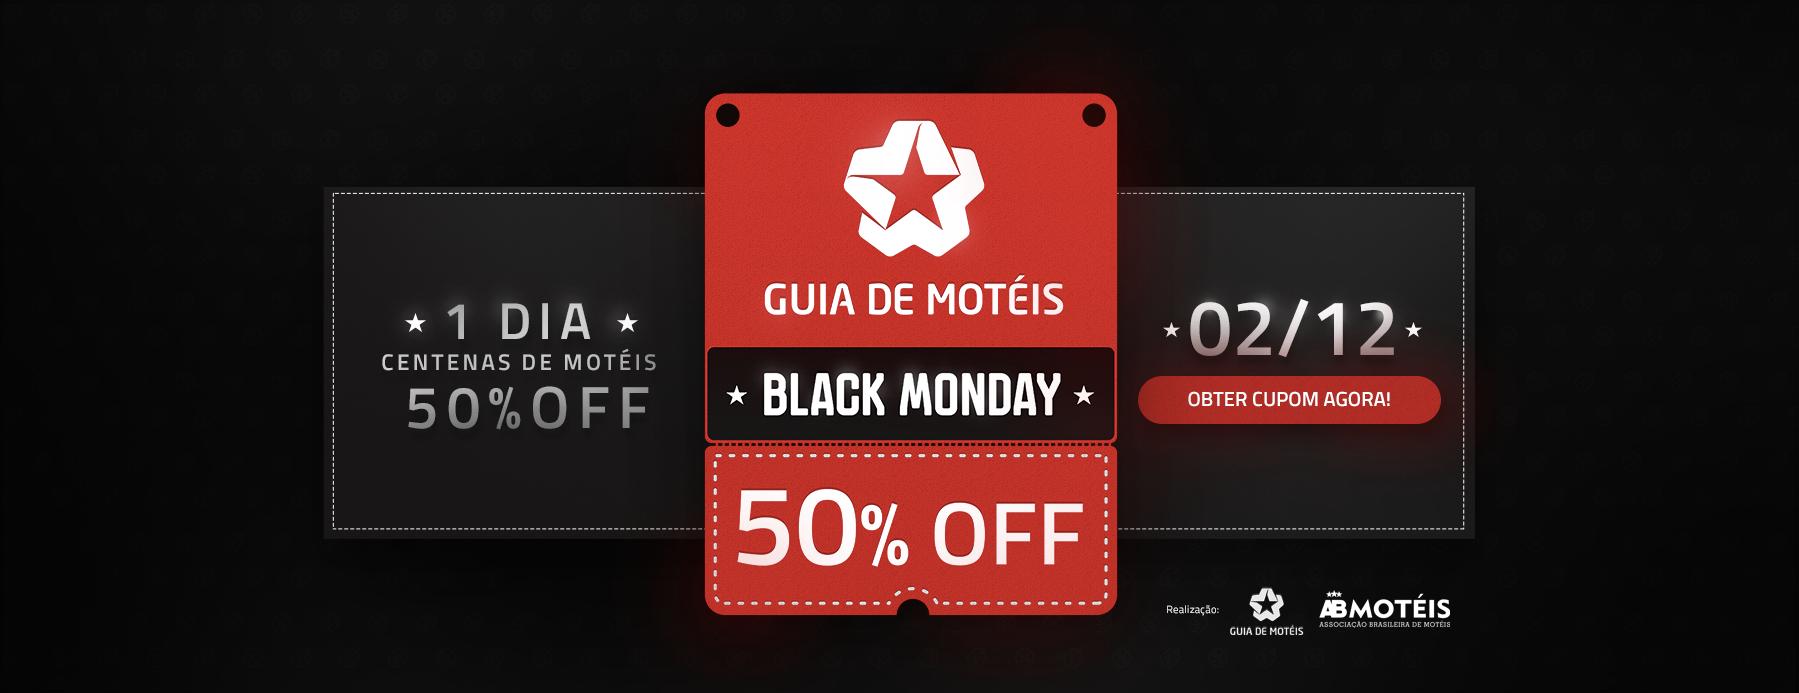 Motel Black Monday 2019 - 1 Dia, Centenas de Motéis, 50% OFF. Somente no dia 02 de Dezembro de 2019